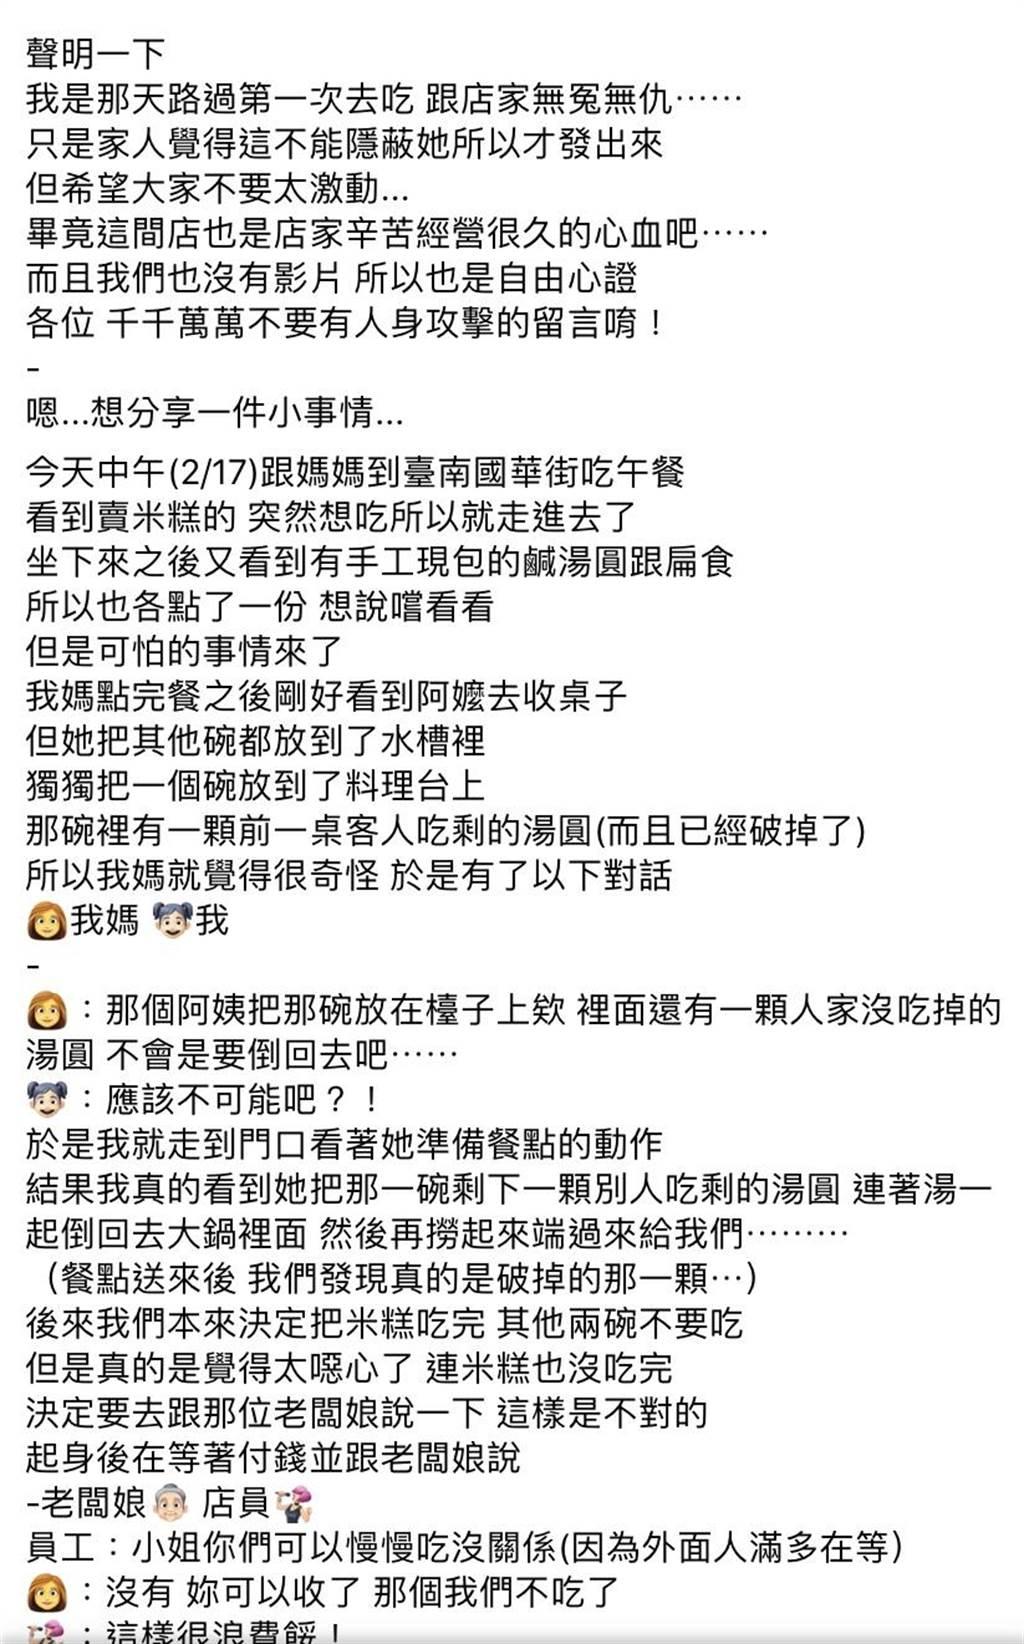 Re: [新聞] 噁!台南70年老店遭爆回煮客人剩食 衞生